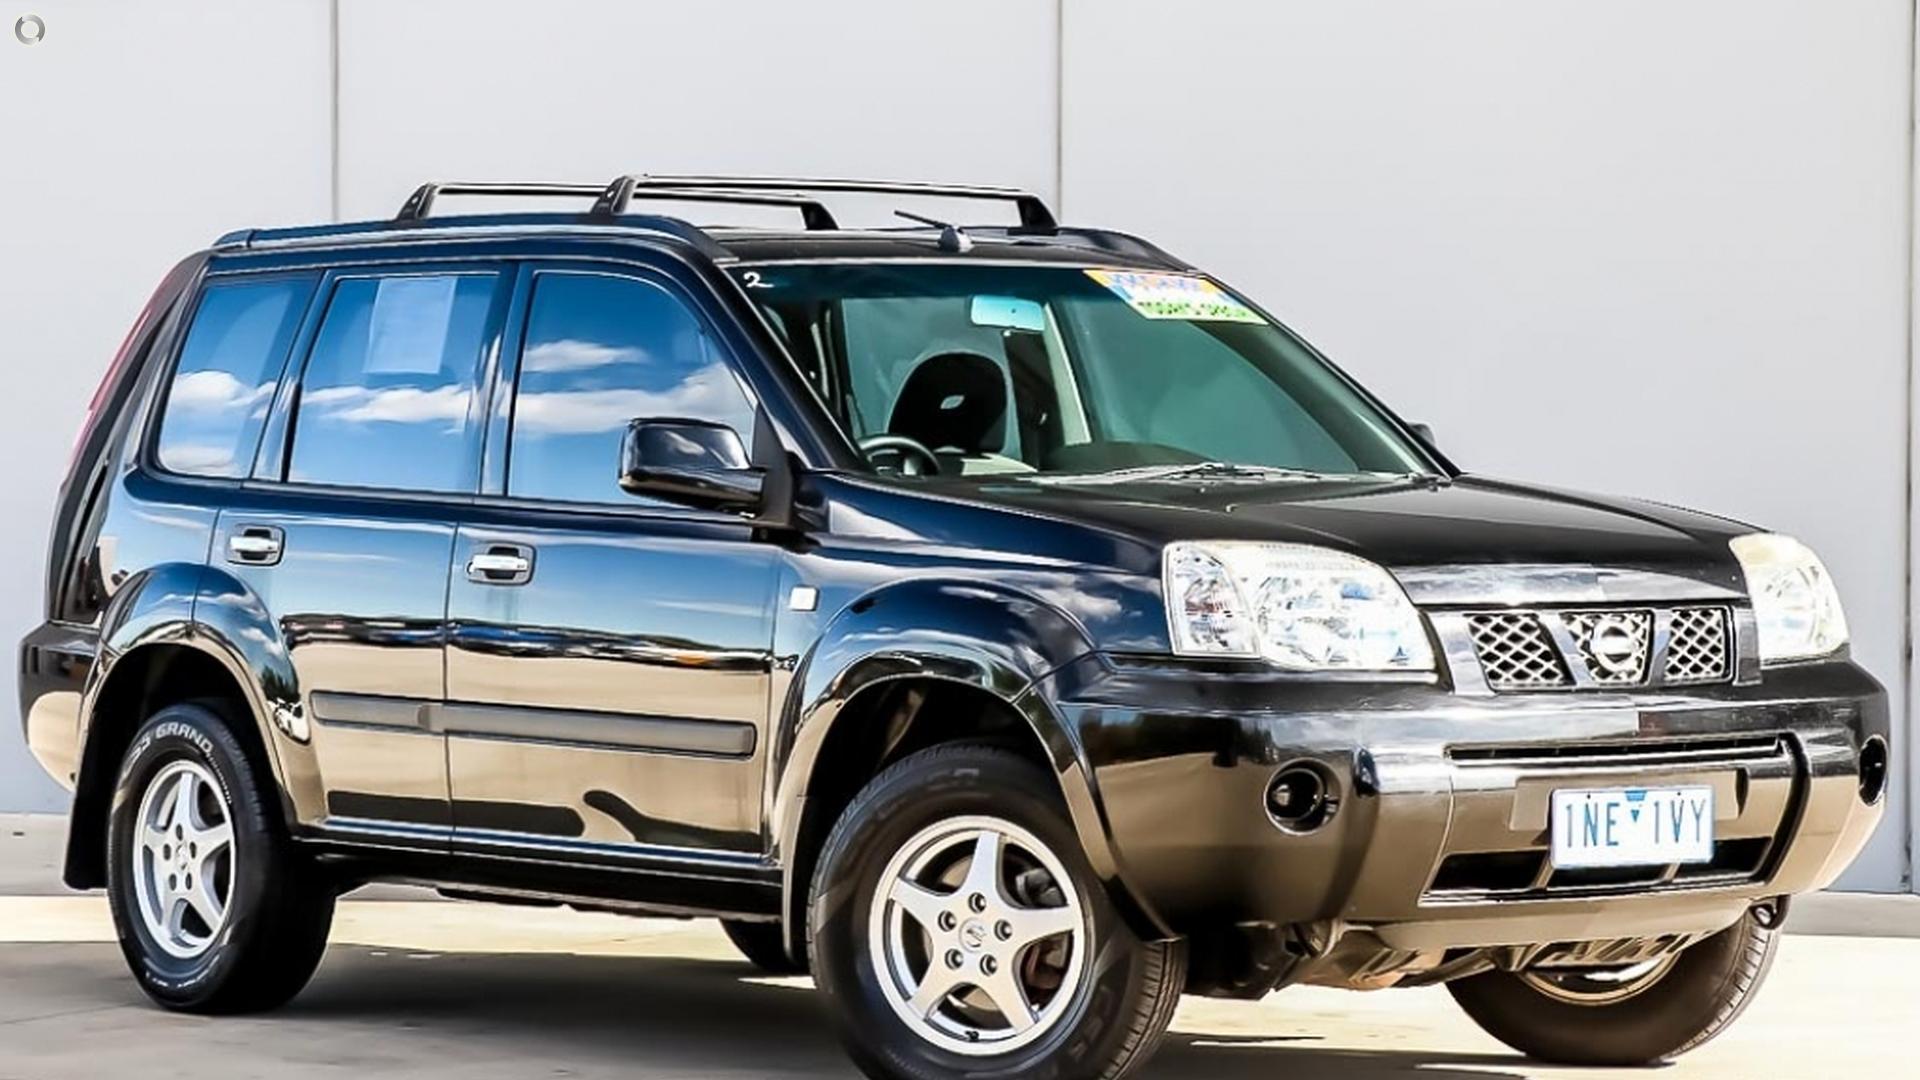 2005 Nissan X-trail T30 II